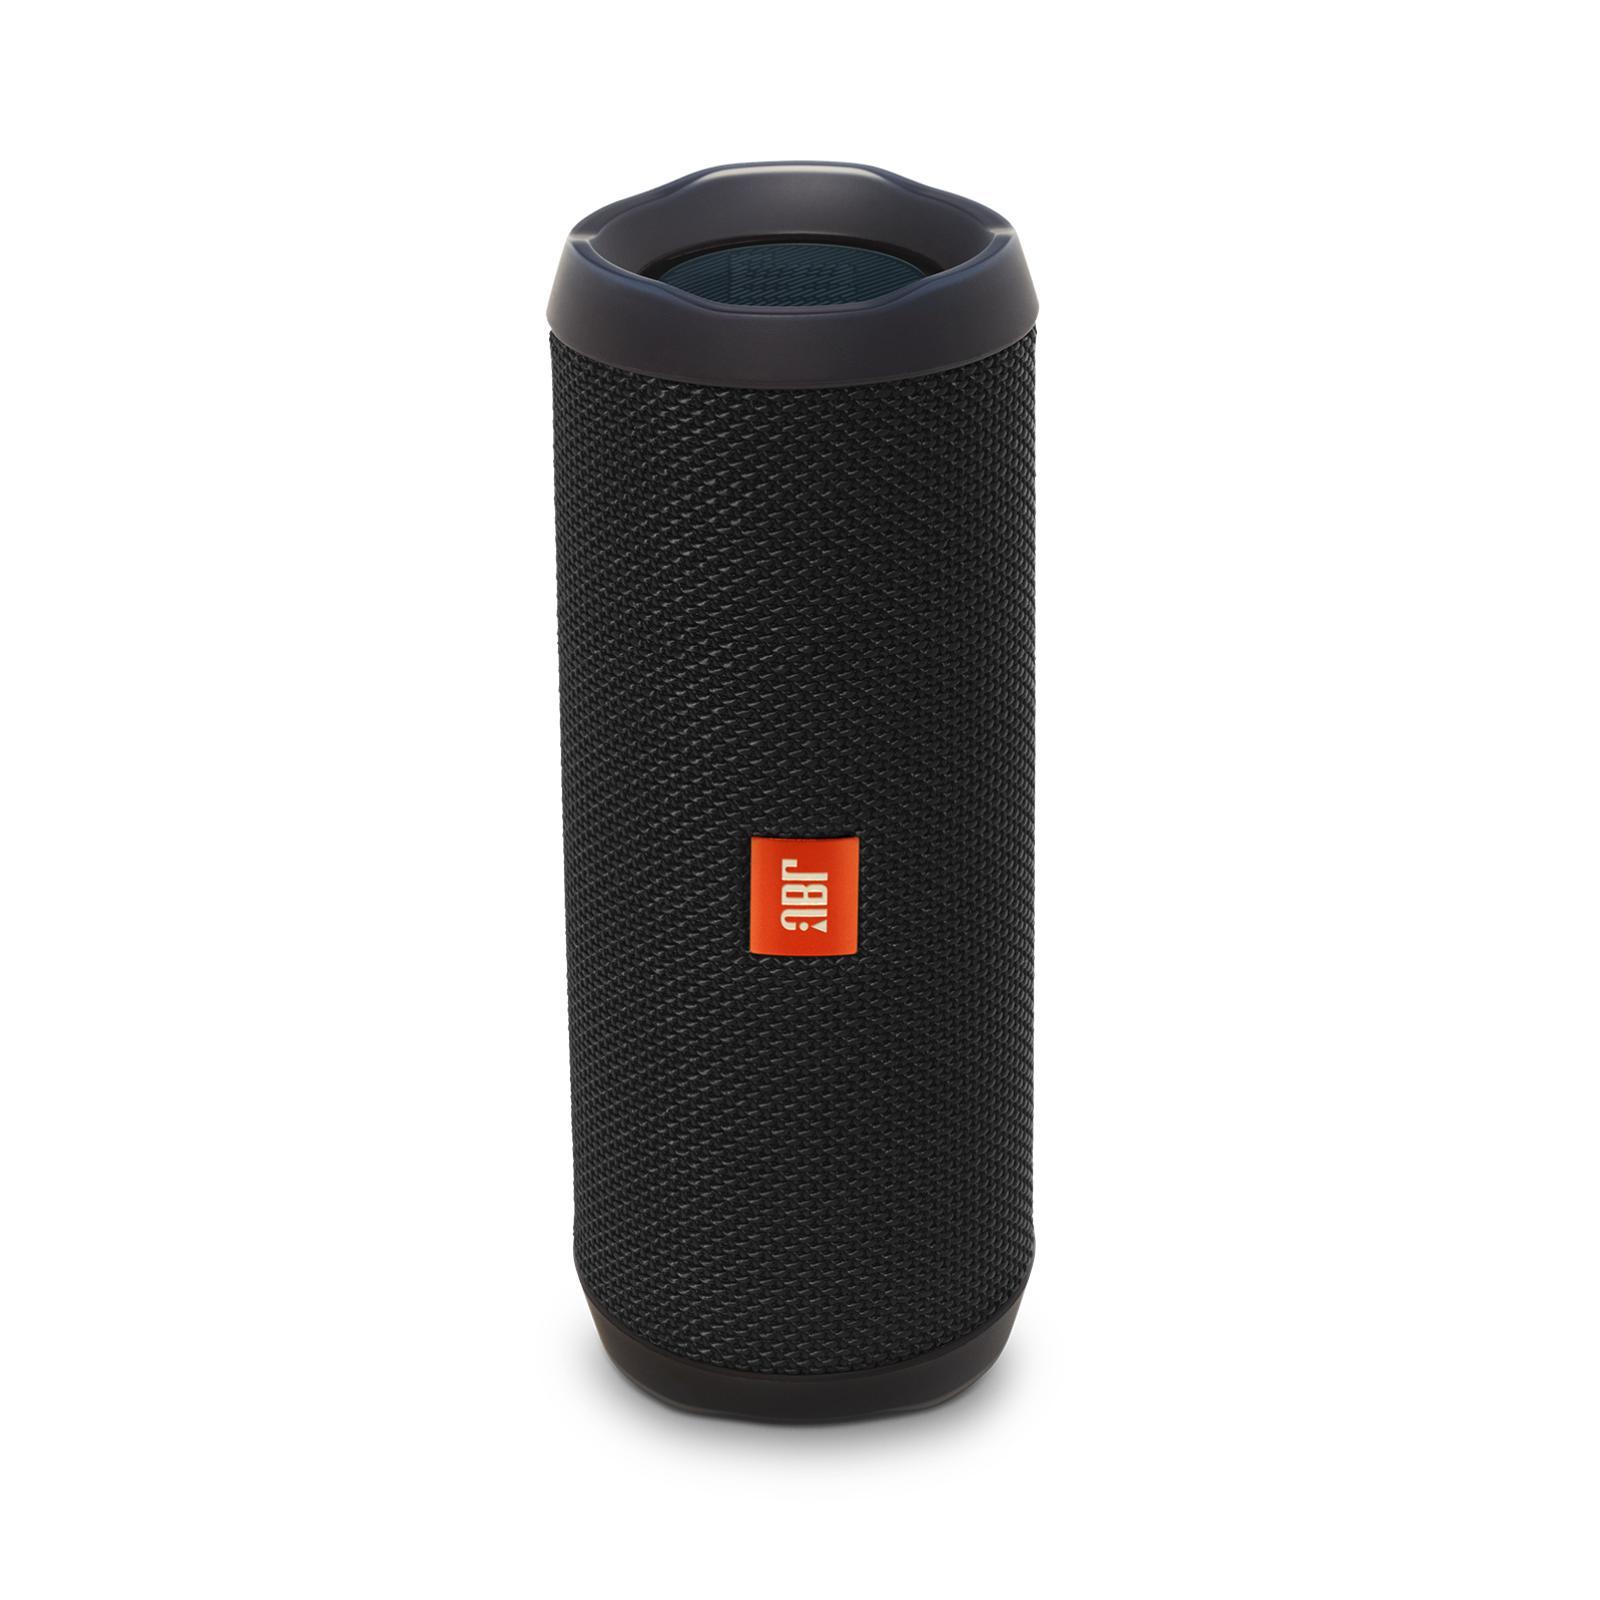 JBL FLIP Waterproof Portable Wireless Speaker with Battery